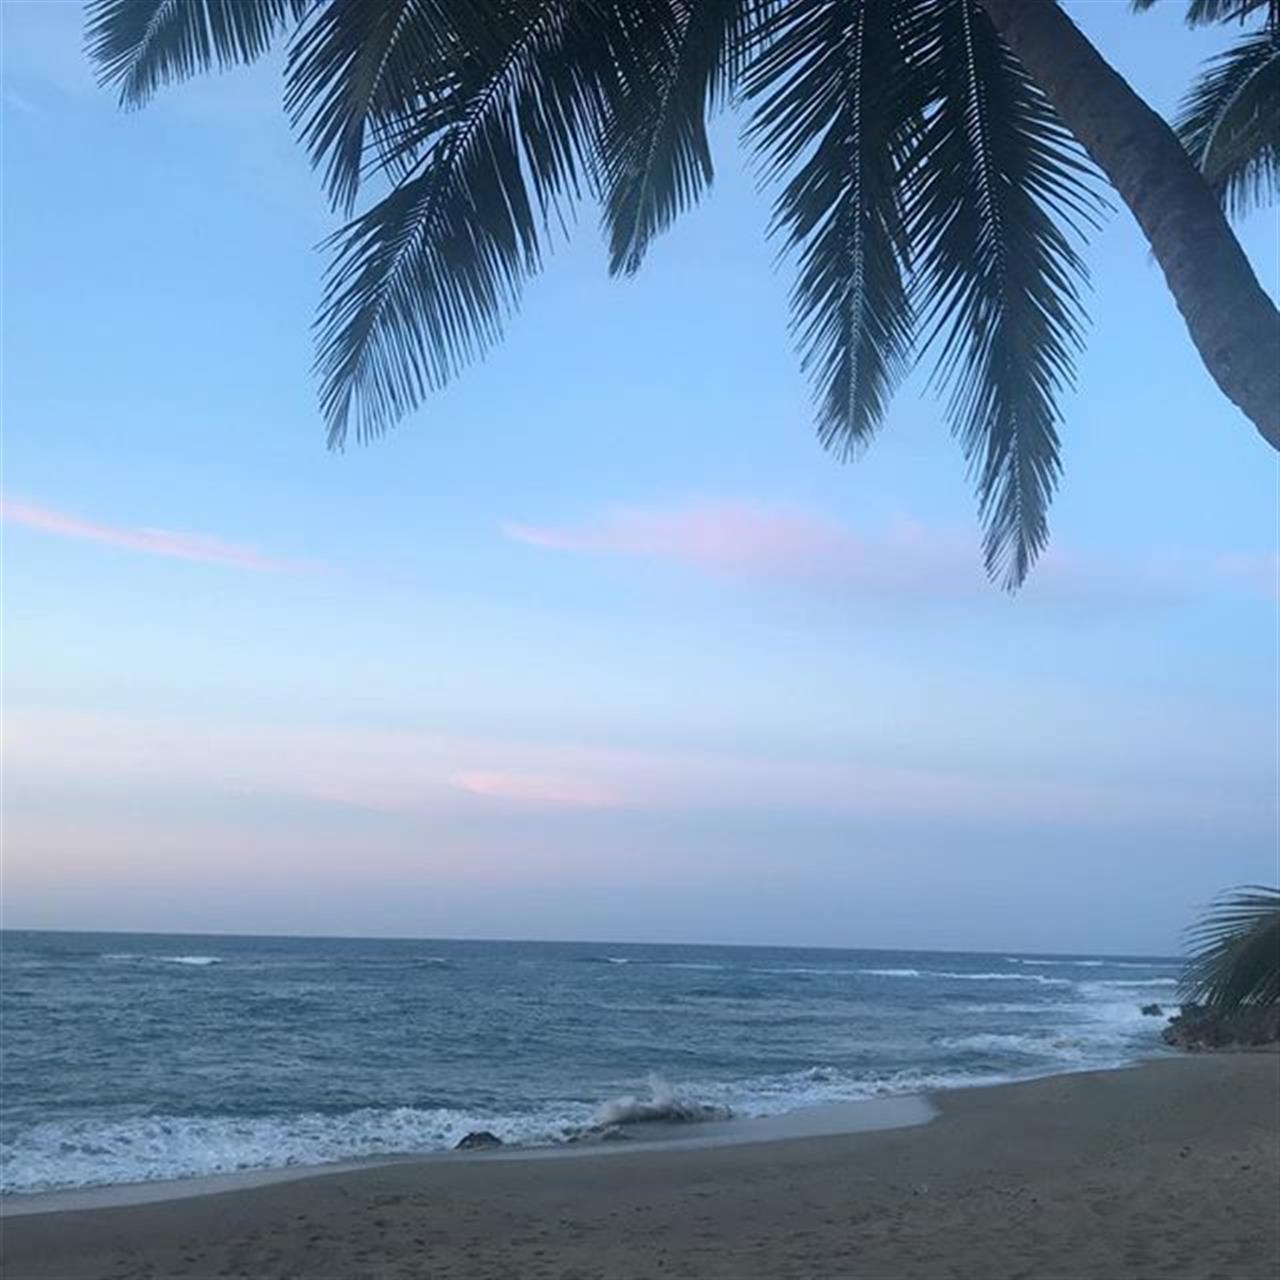 Happy Weekend #caribbean #island #islandlife #sunsets #realestate #naturephotography #leadingrelocal #leadingre #invest